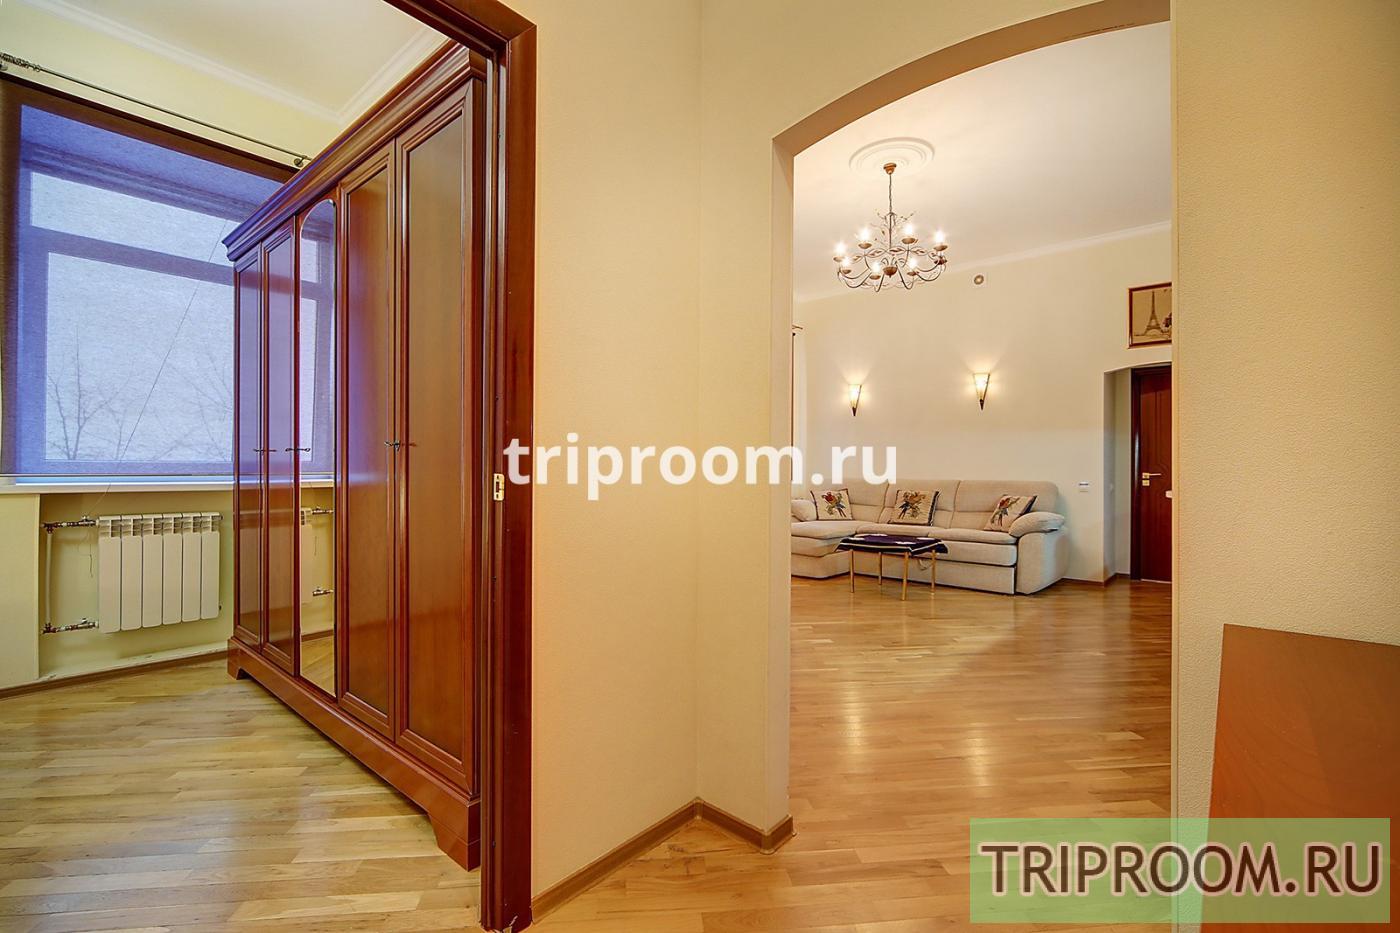 2-комнатная квартира посуточно (вариант № 15116), ул. Большая Конюшенная улица, фото № 16